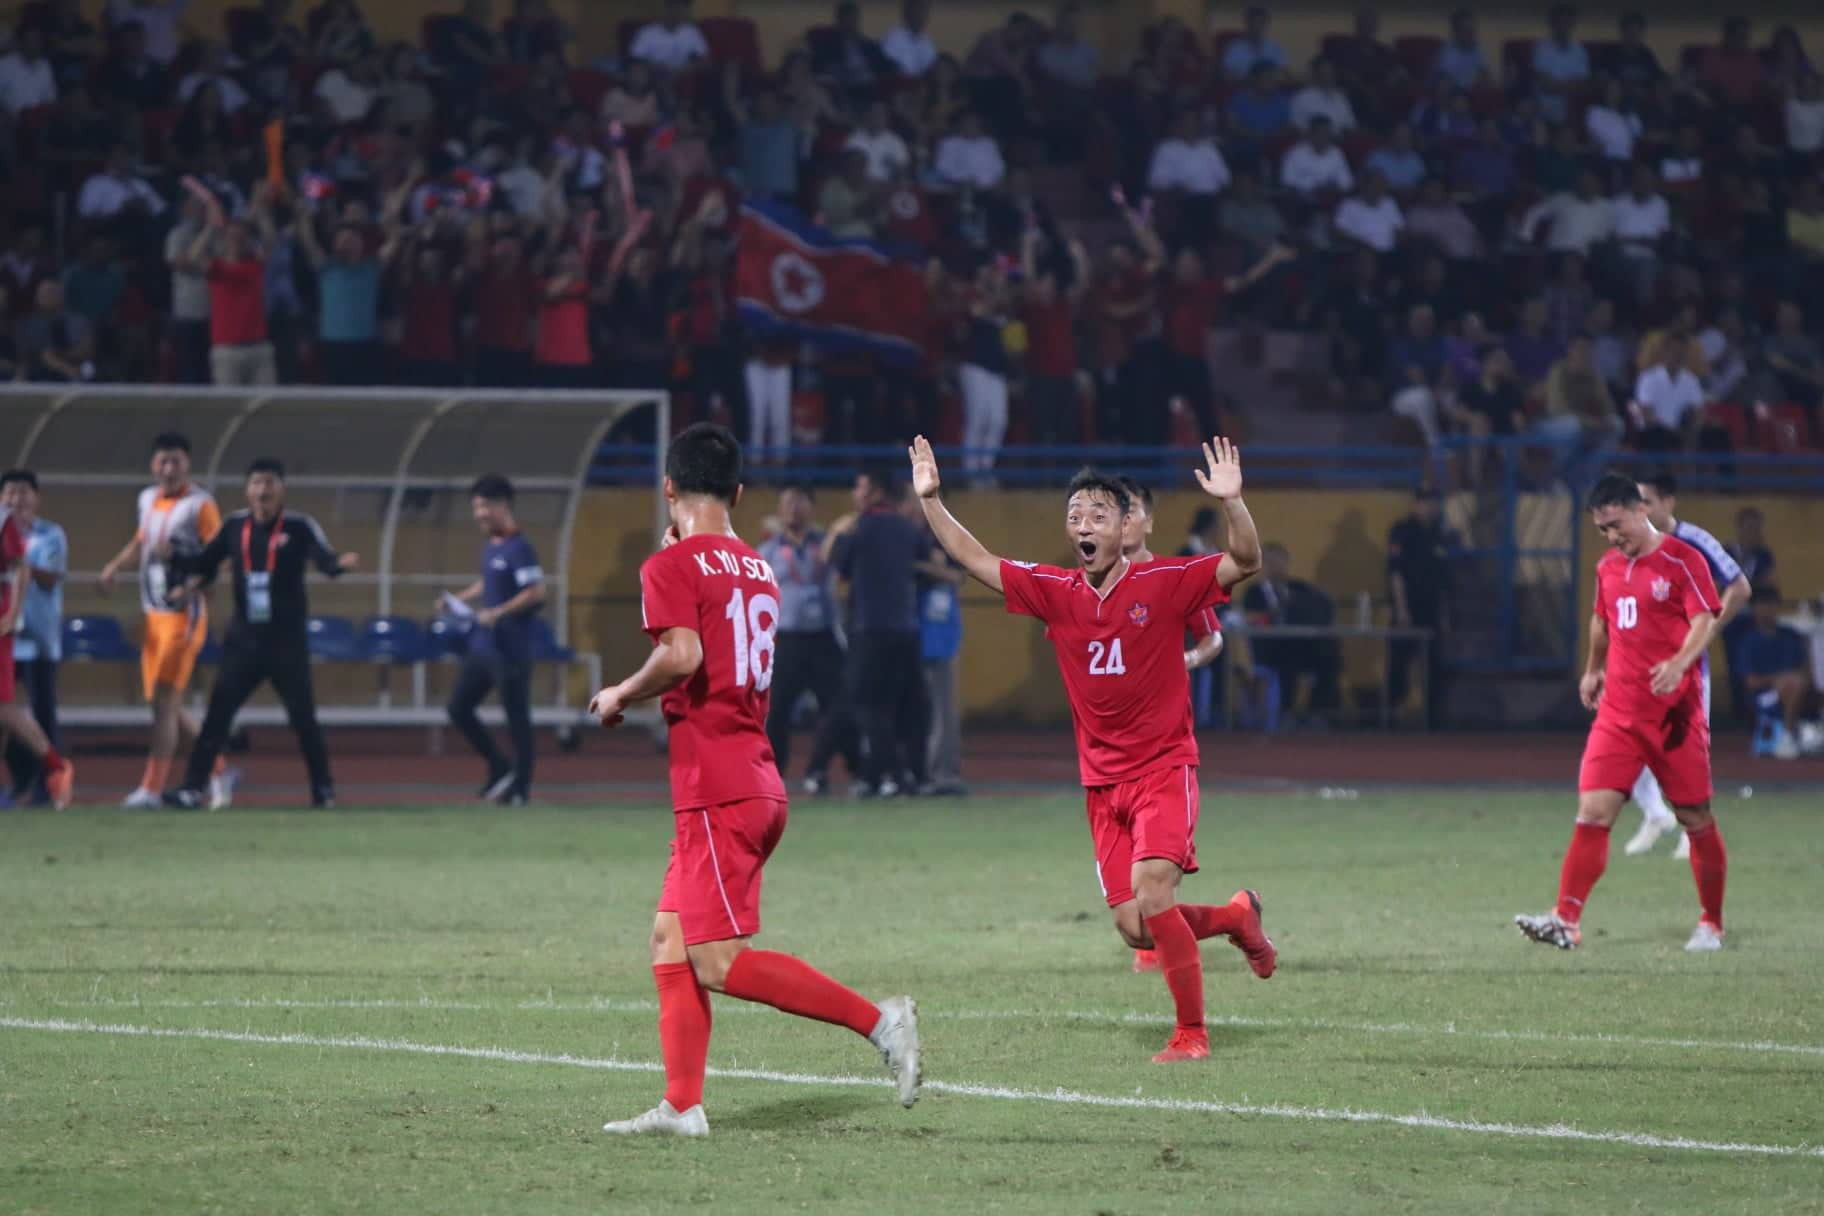 Hình ảnh: Hòa đáng tiếc, Hà Nội FC để vàng rơi cuối trận số 2